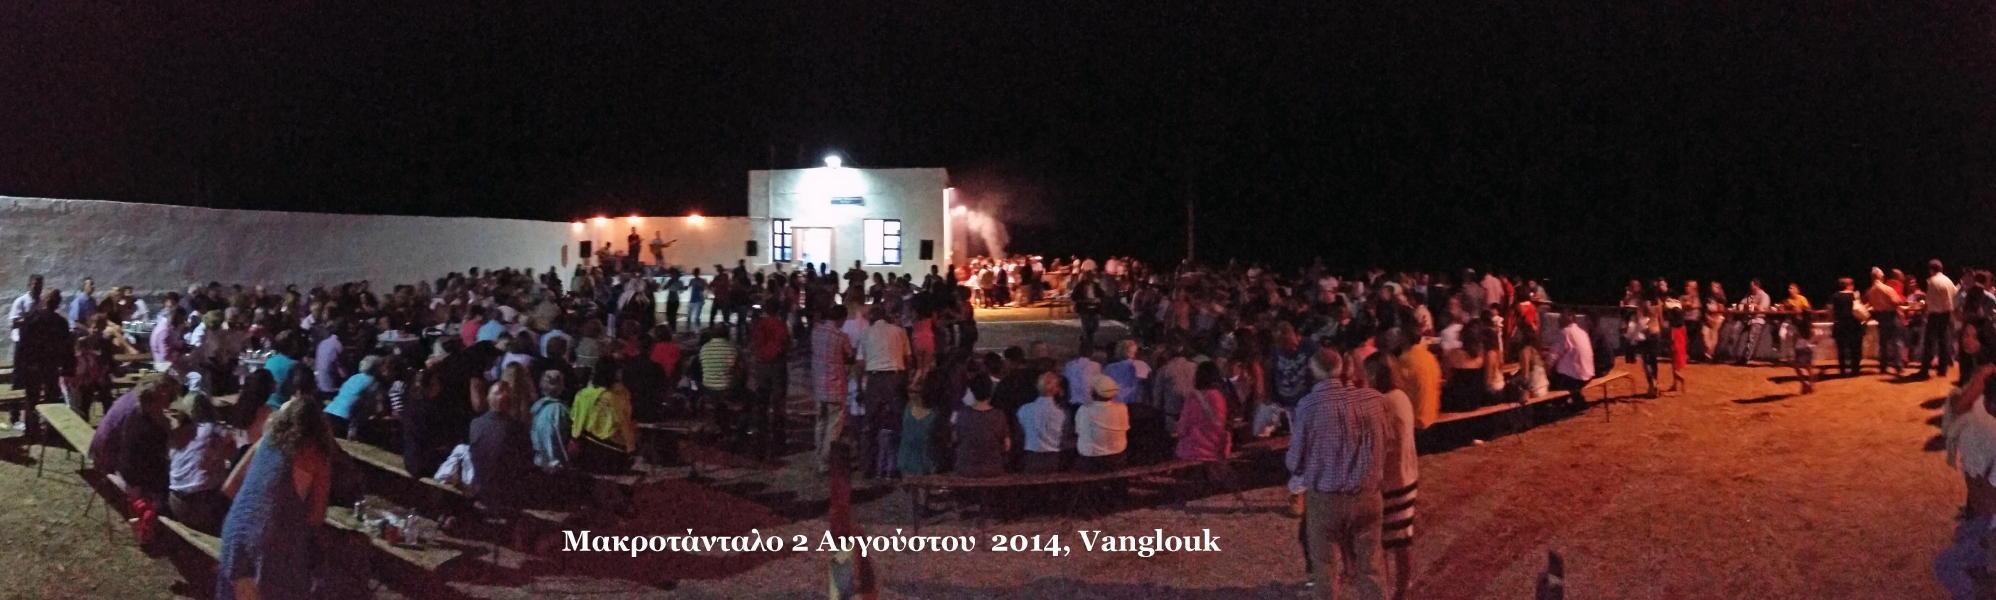 kalokerinos horos sto makrotantalo 2 august 2014 ANDROSFILM VANGLOUK 9 _1